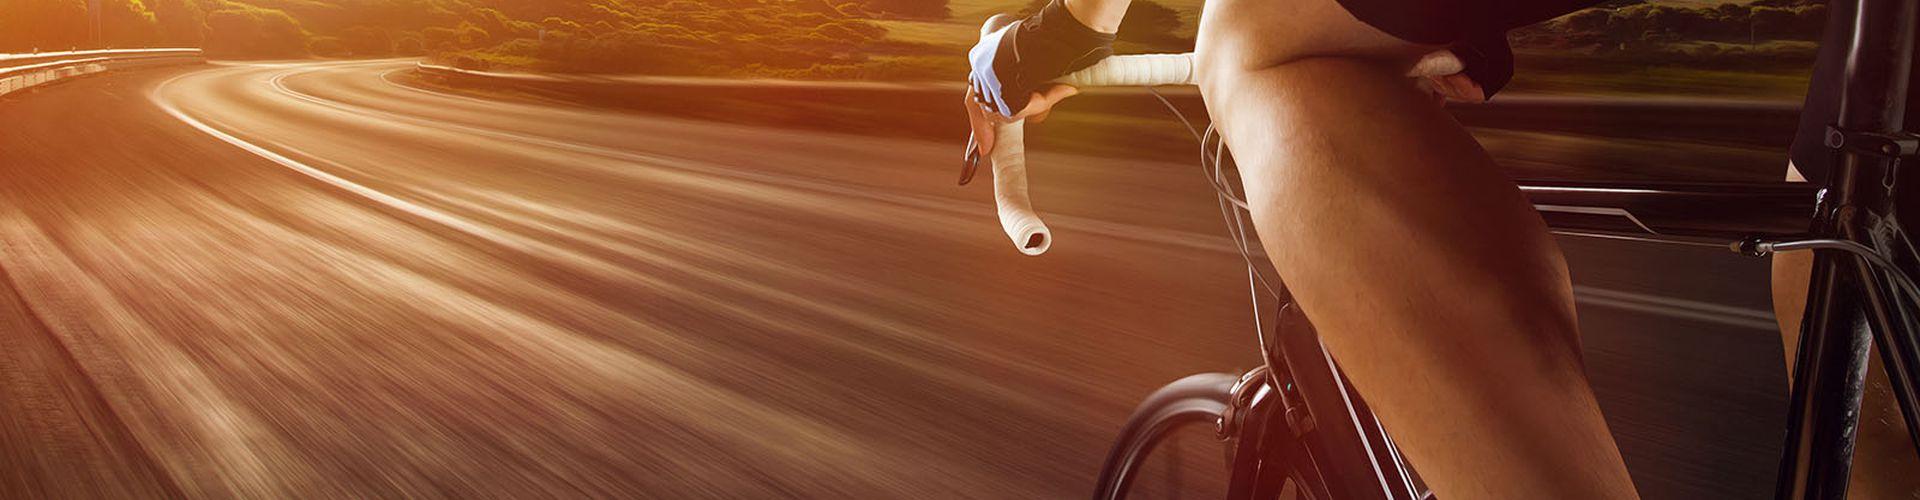 10 Radrouten für das perfekte Triathlon Training